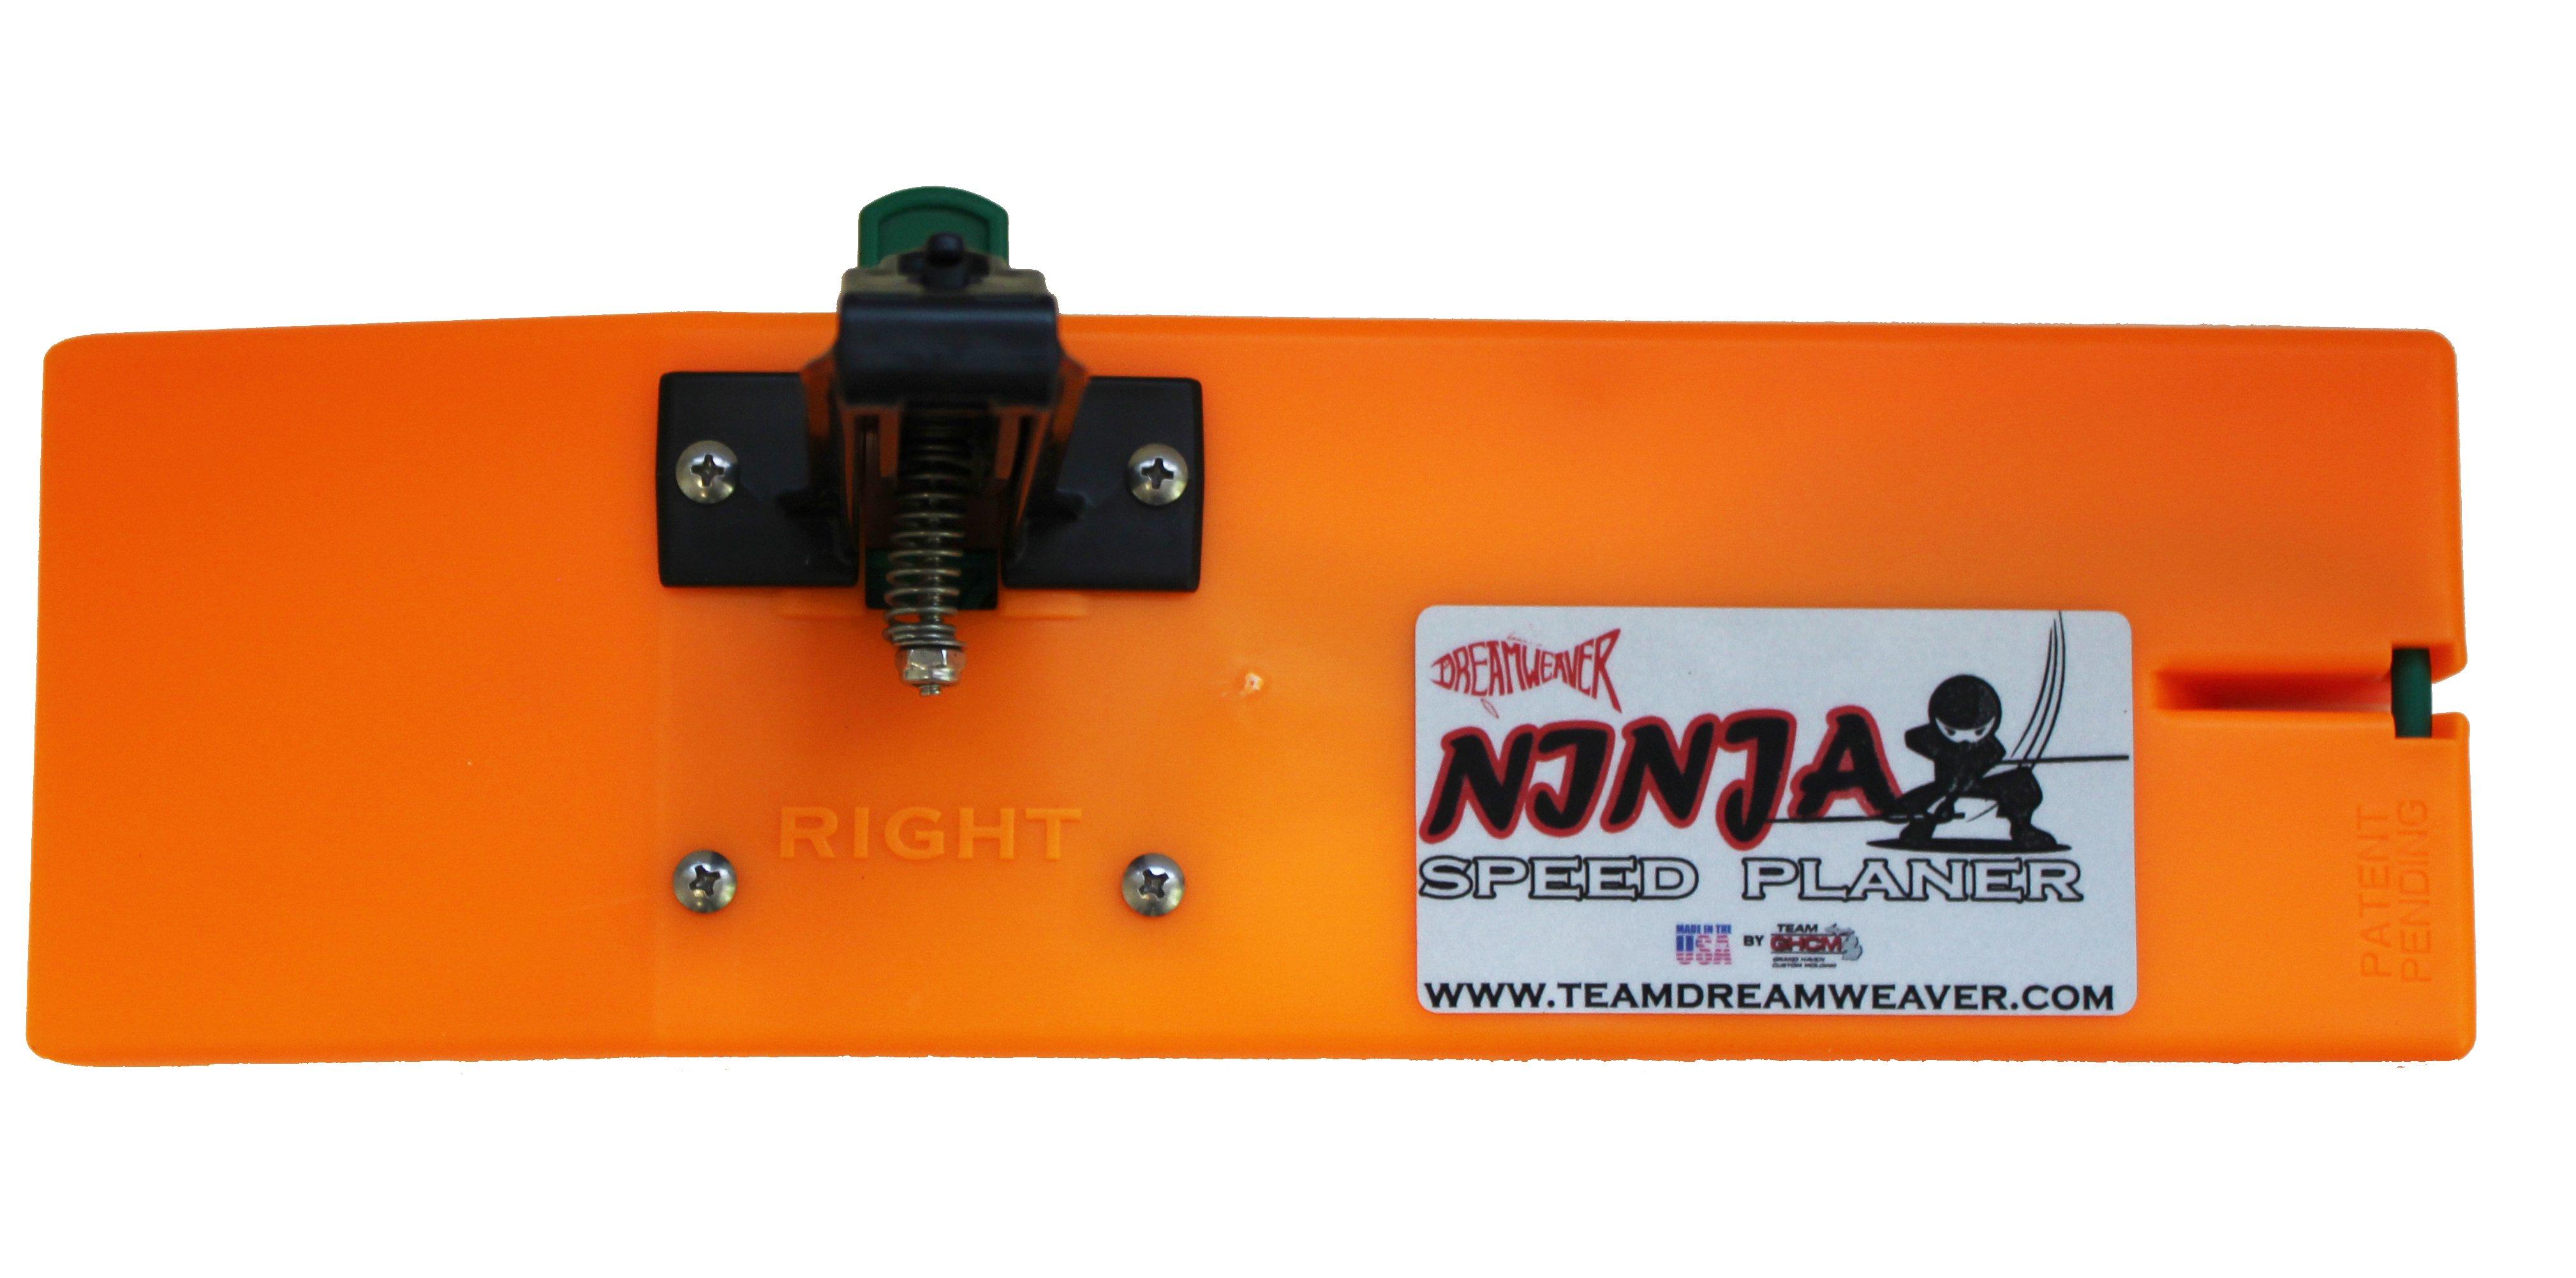 Dreamweaver Ninja Side Planer